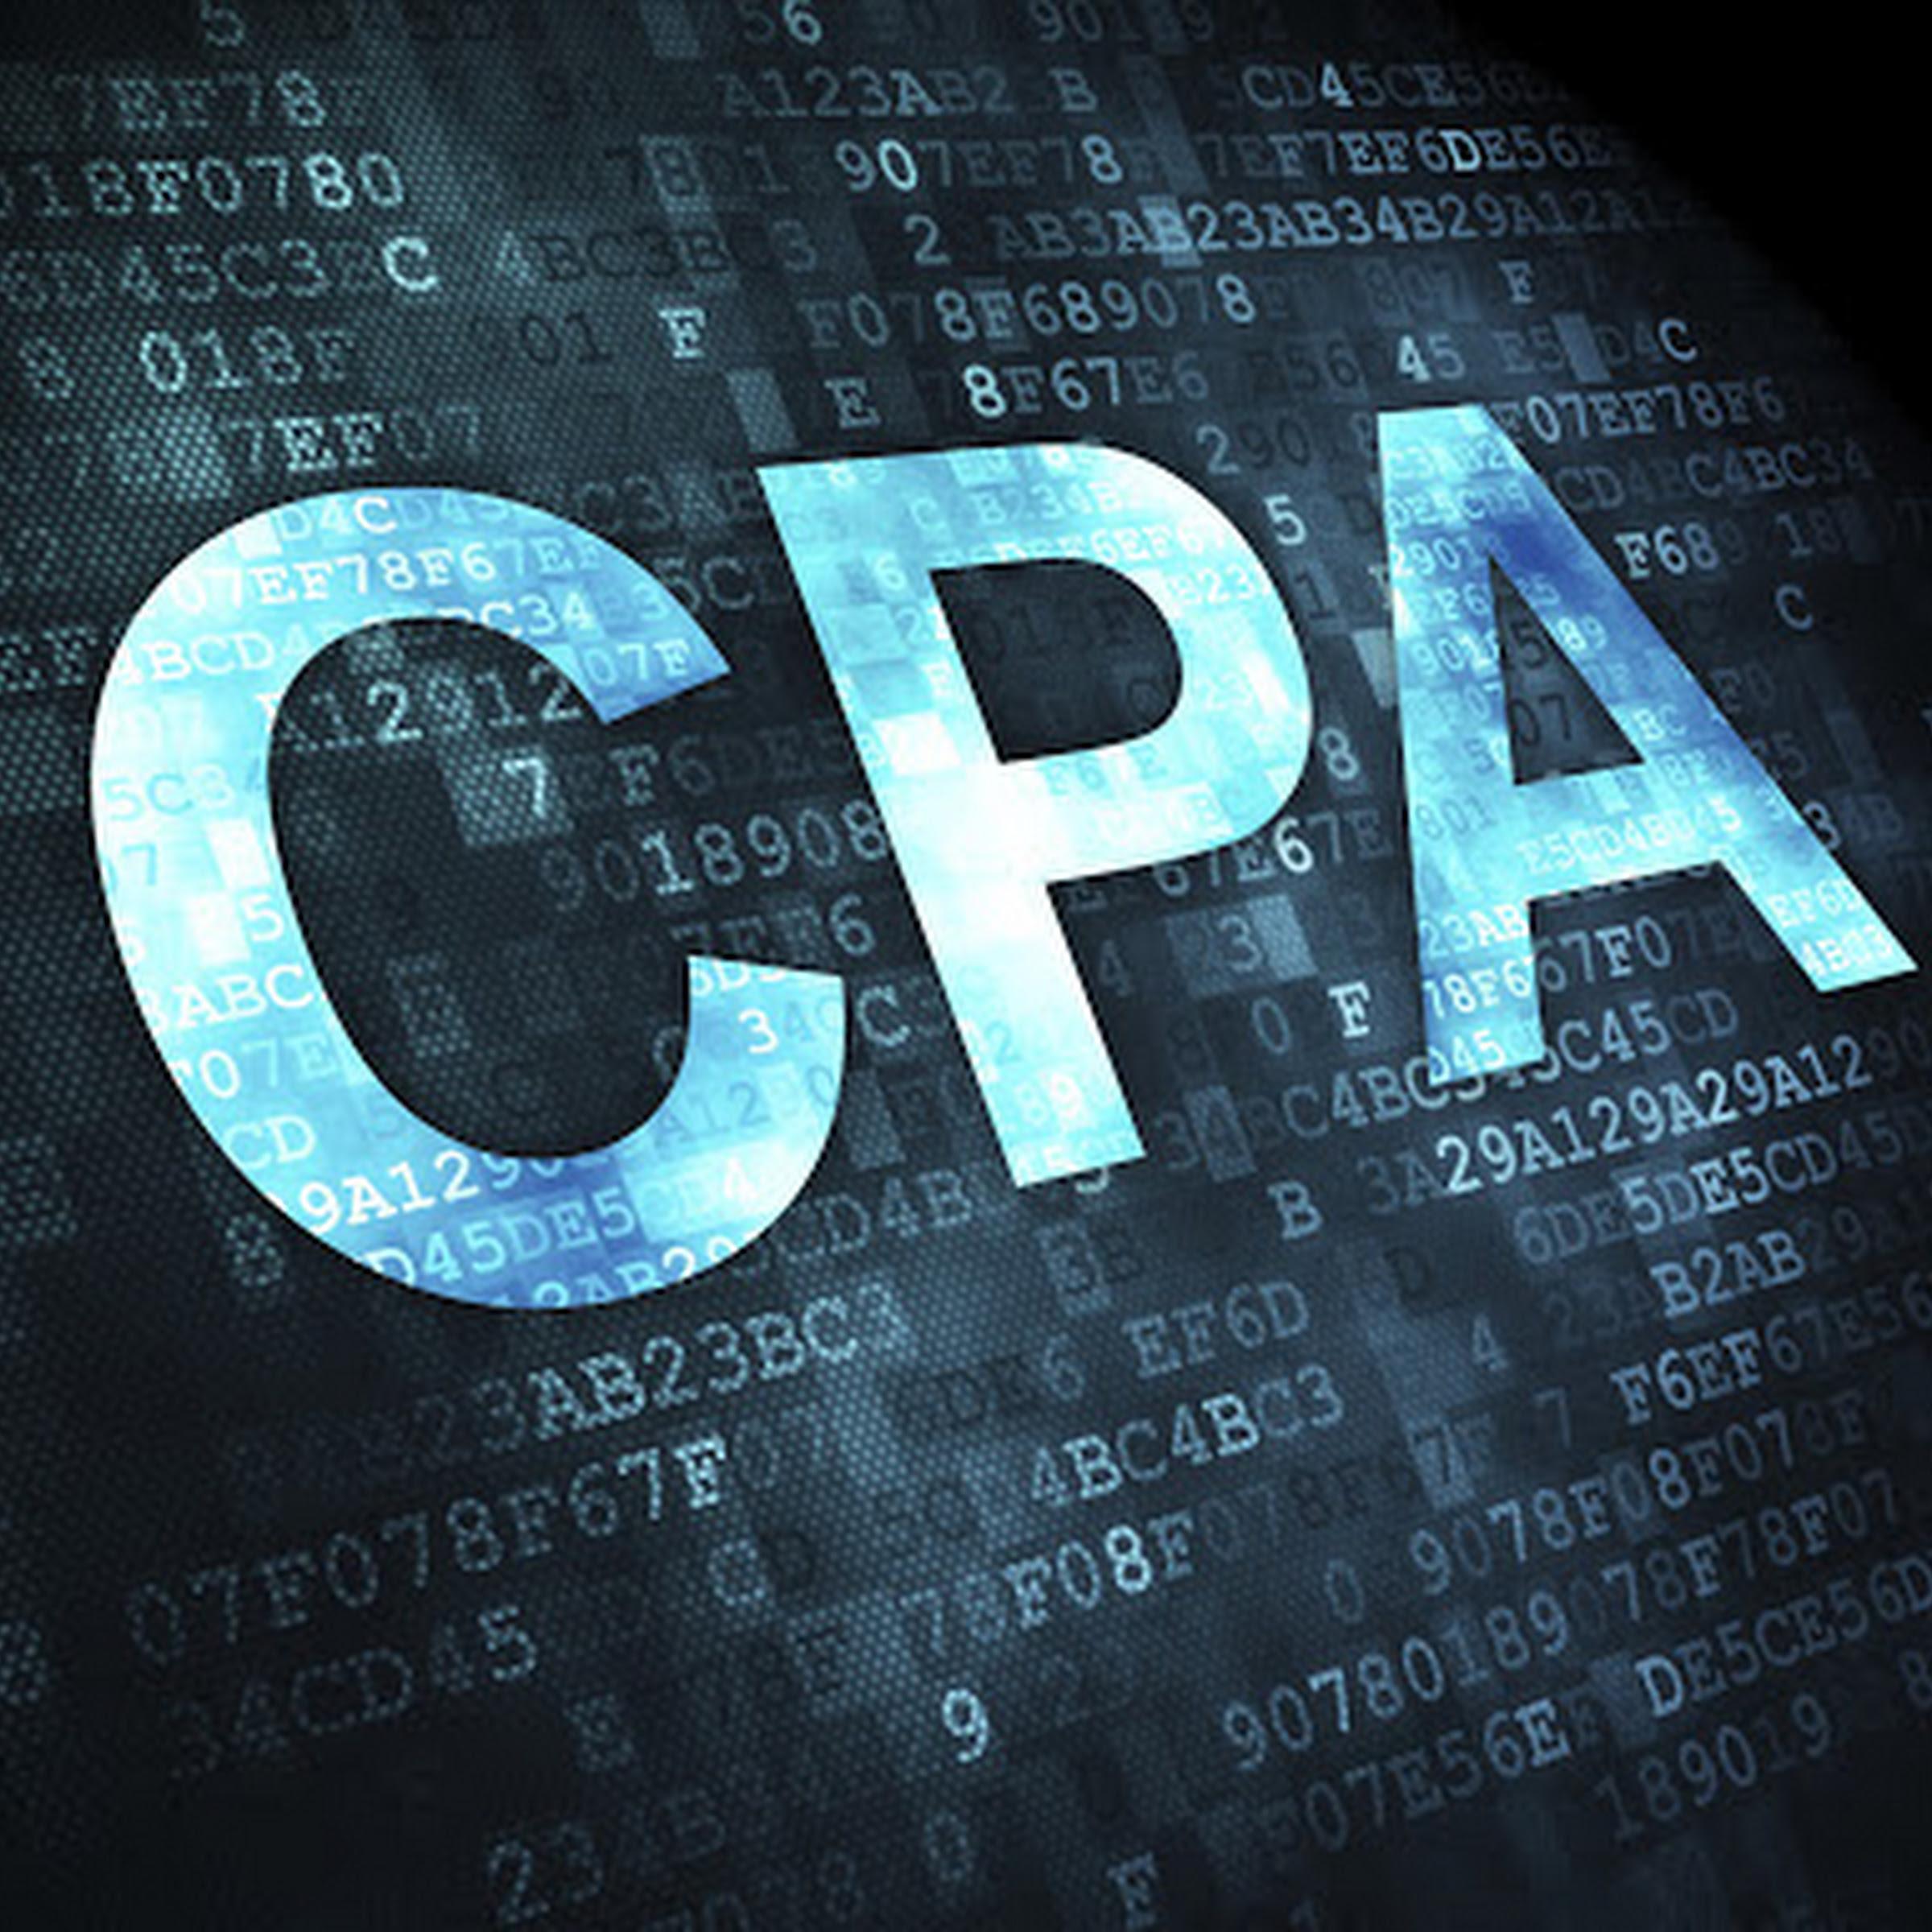 Accountant, CPA